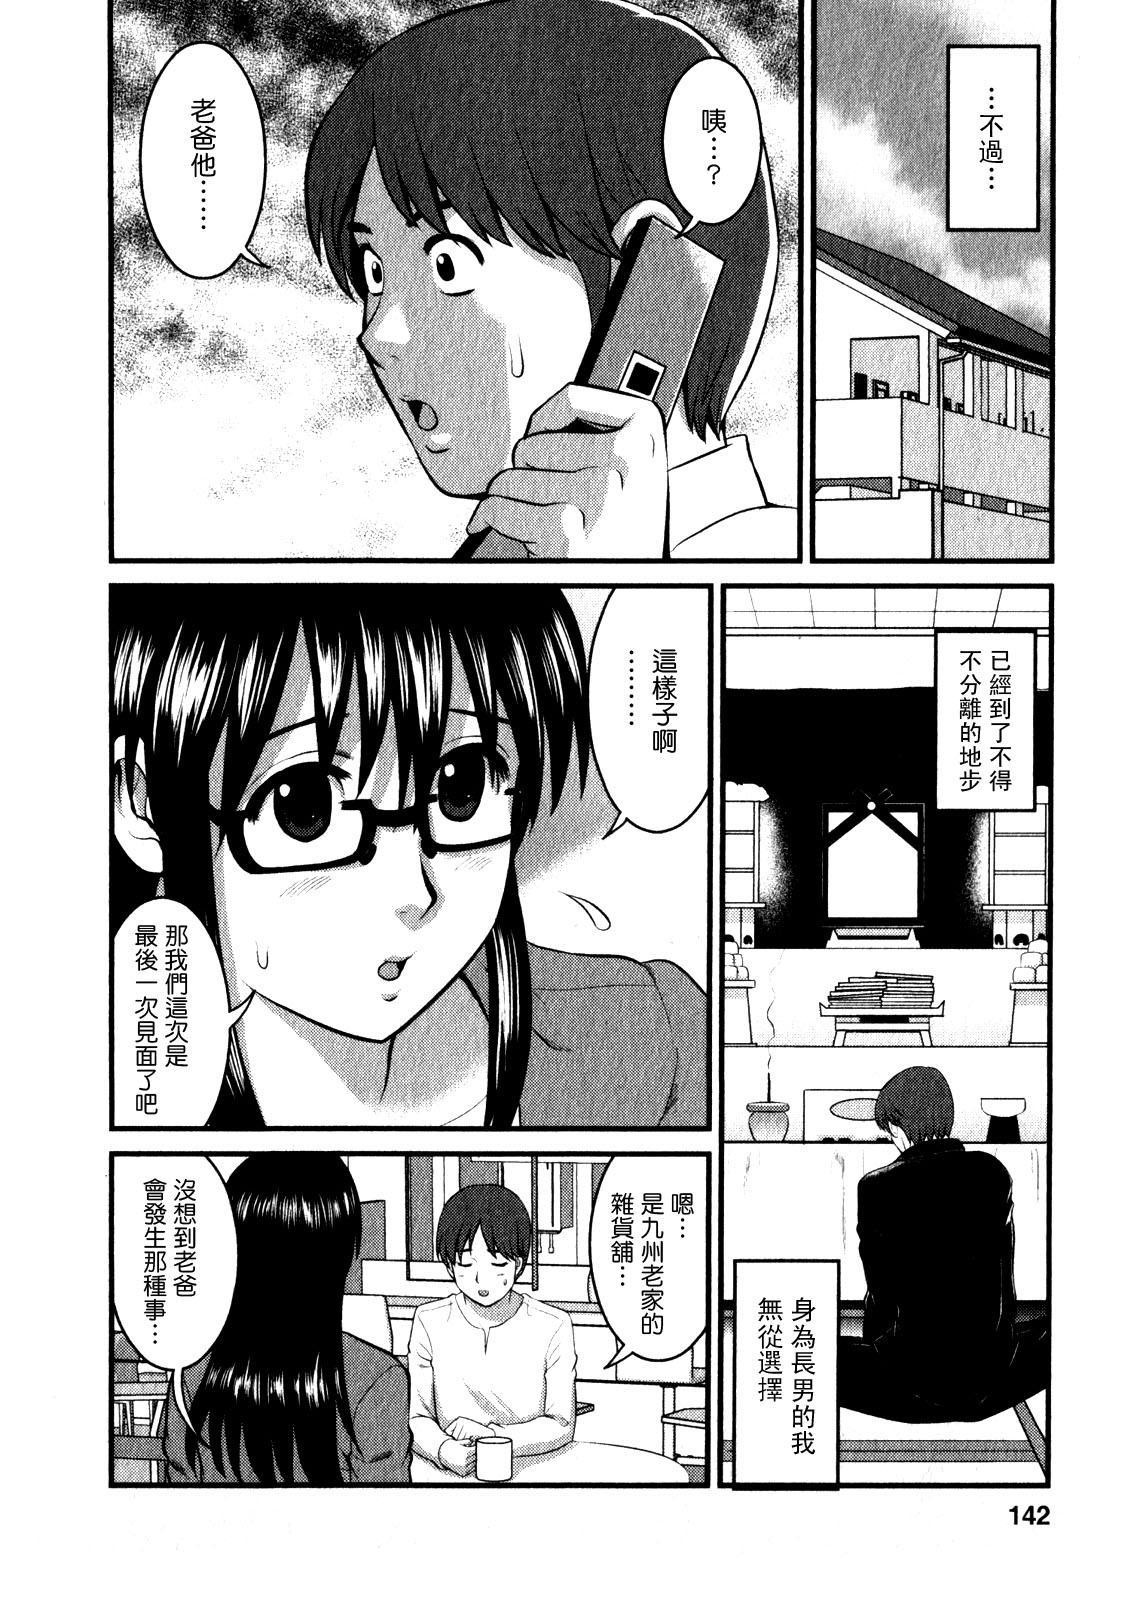 Otaku no Megami-san 1 139